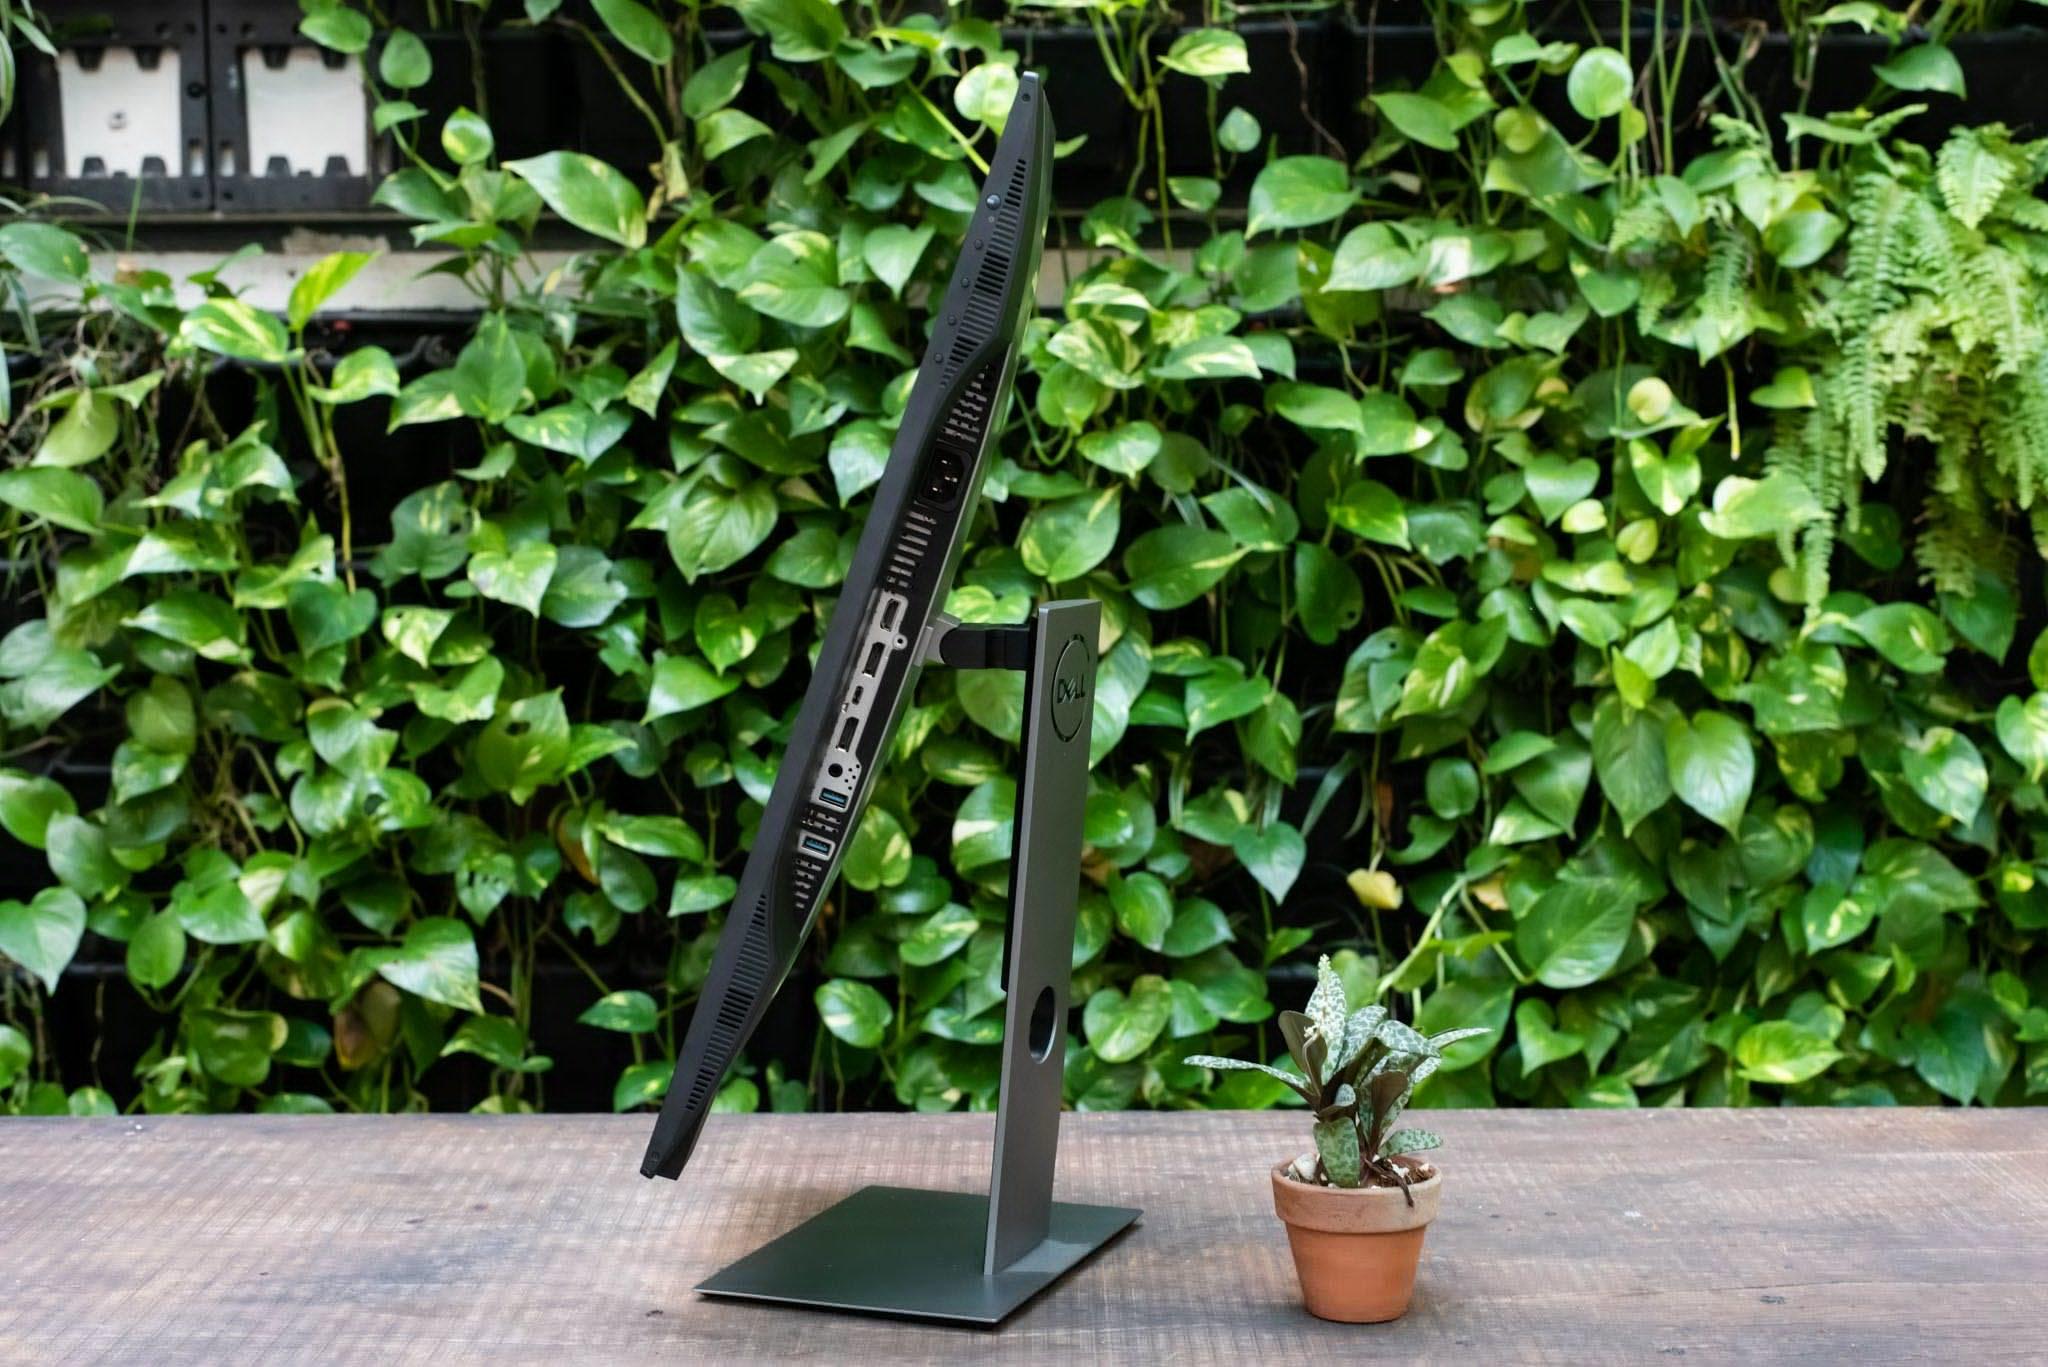 Thiết kế màn hình Dell UltraSharp U2419H 23.8 inch